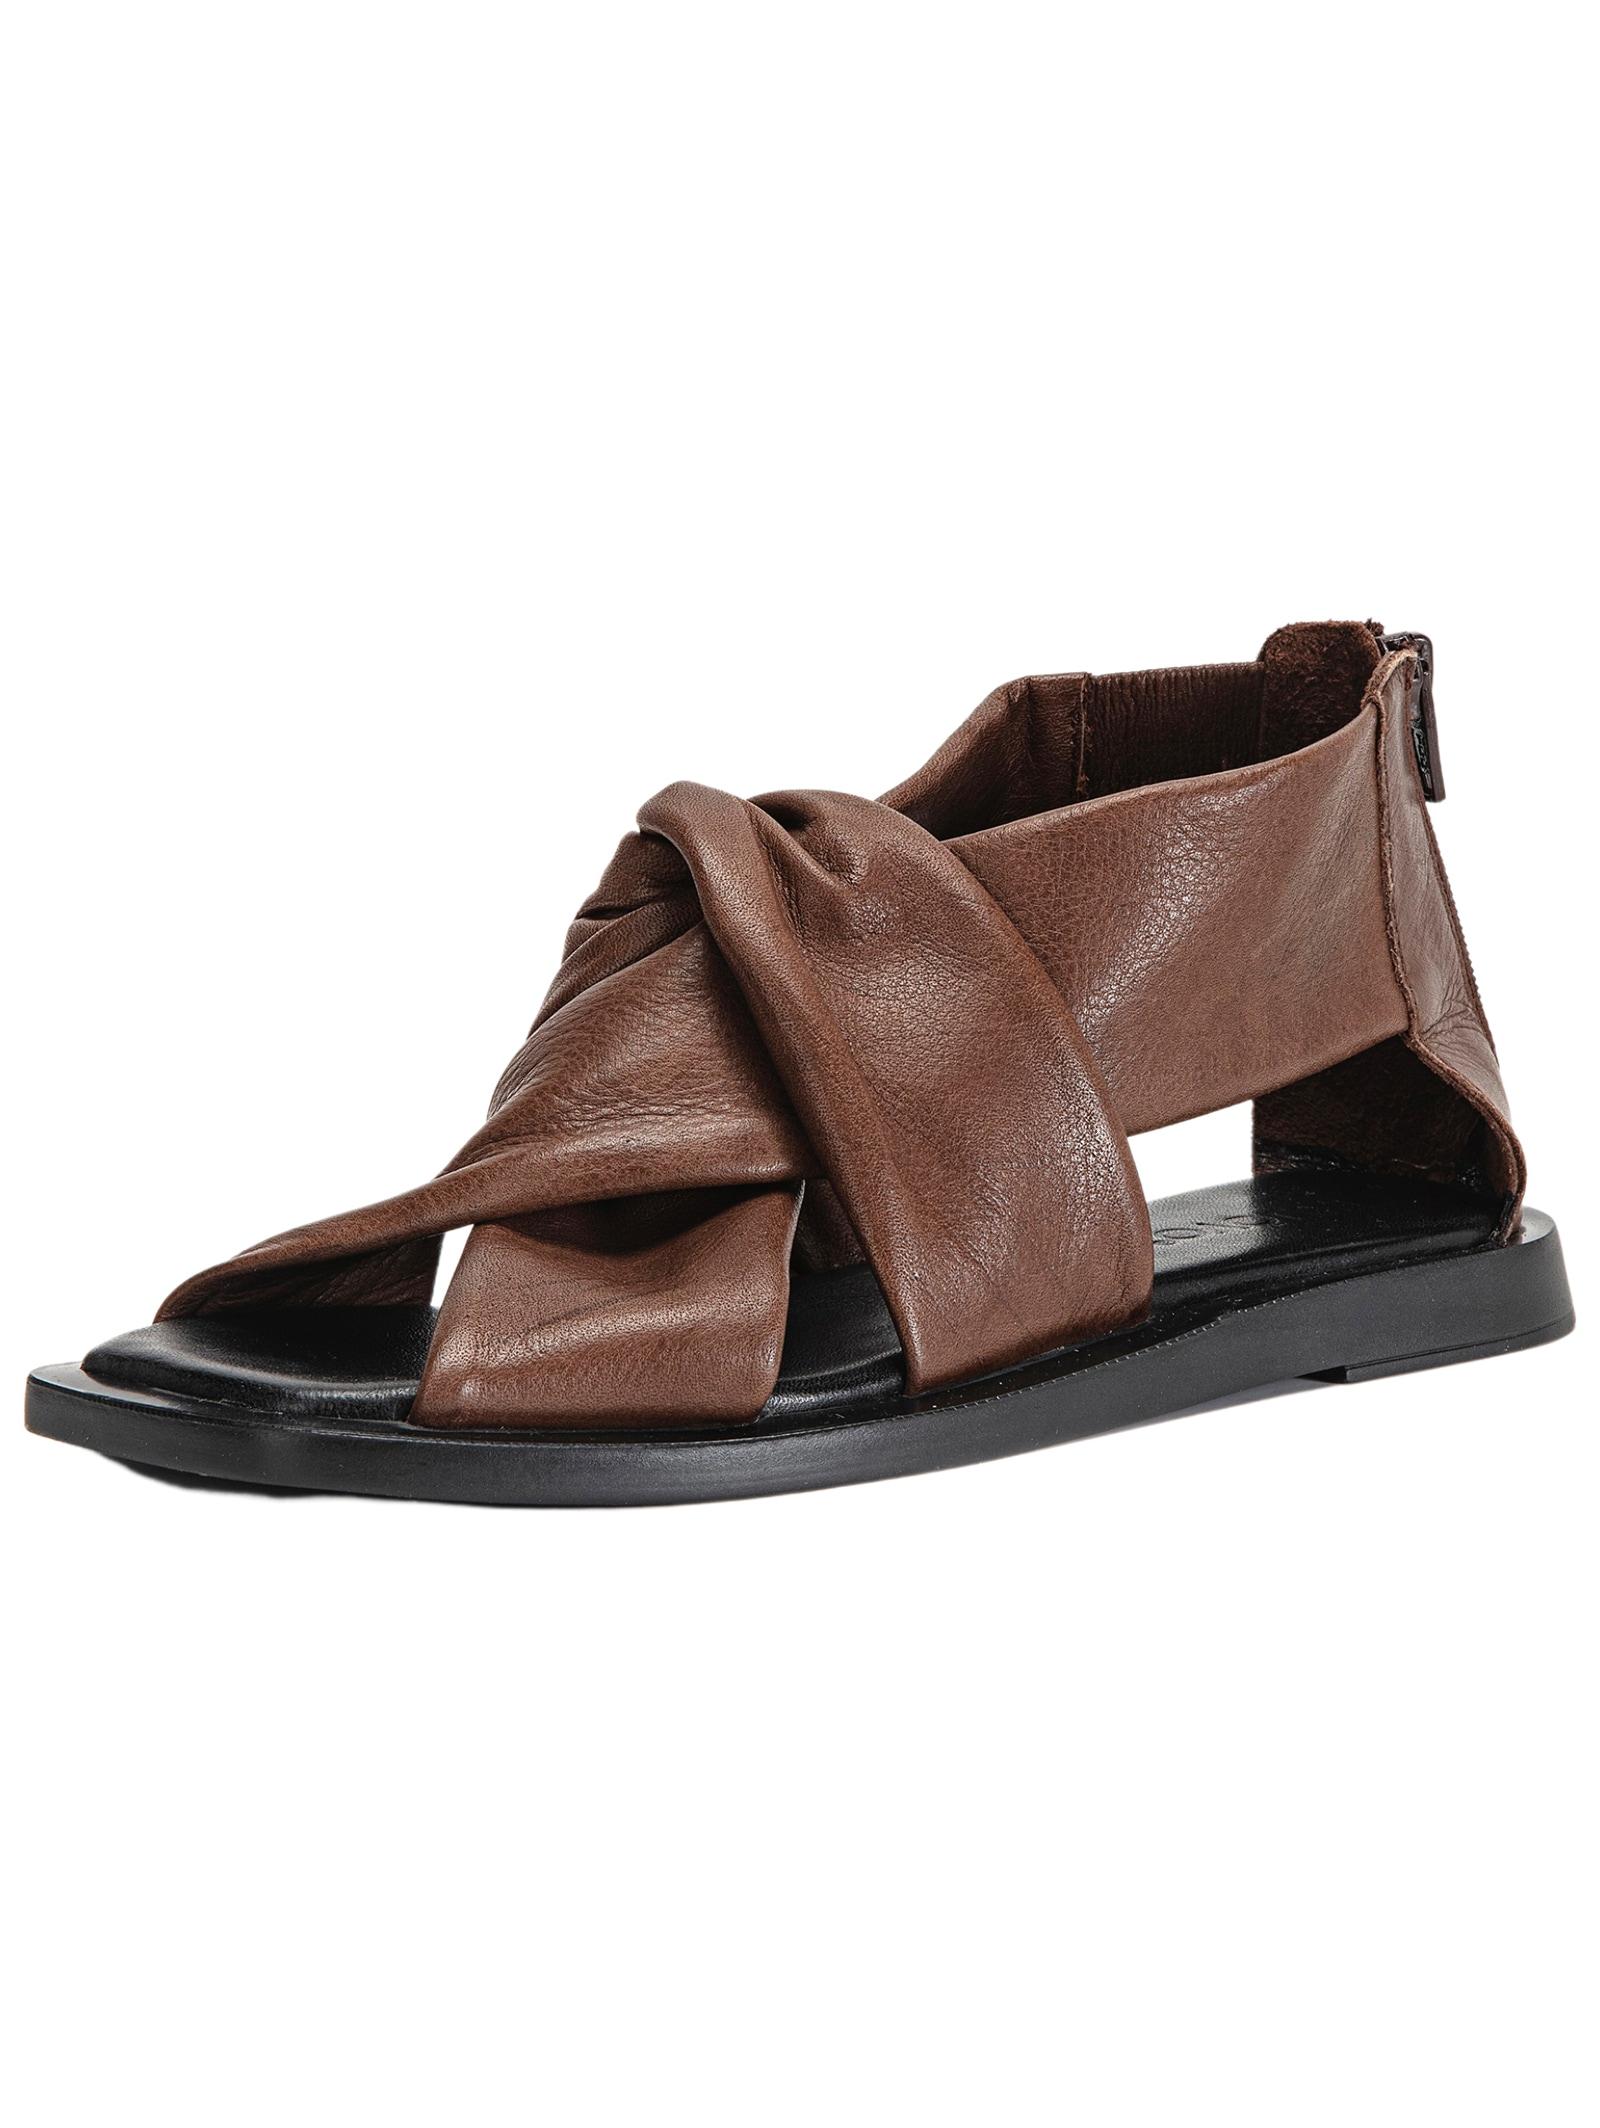 INUOVO Schaftsandalette Leder braun Damen Sandaletten Sandalen